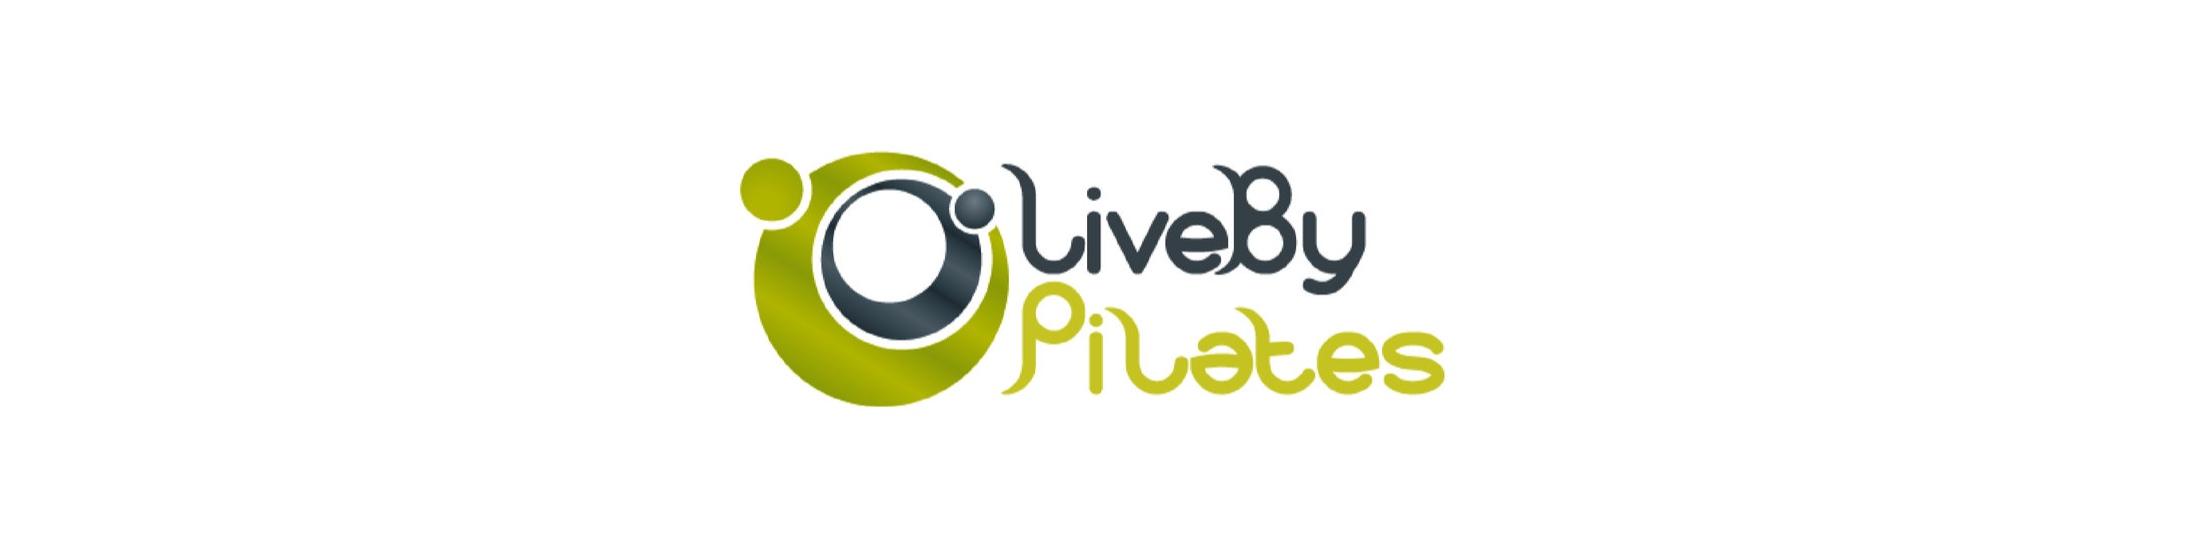 lbp+long+logo.jpg